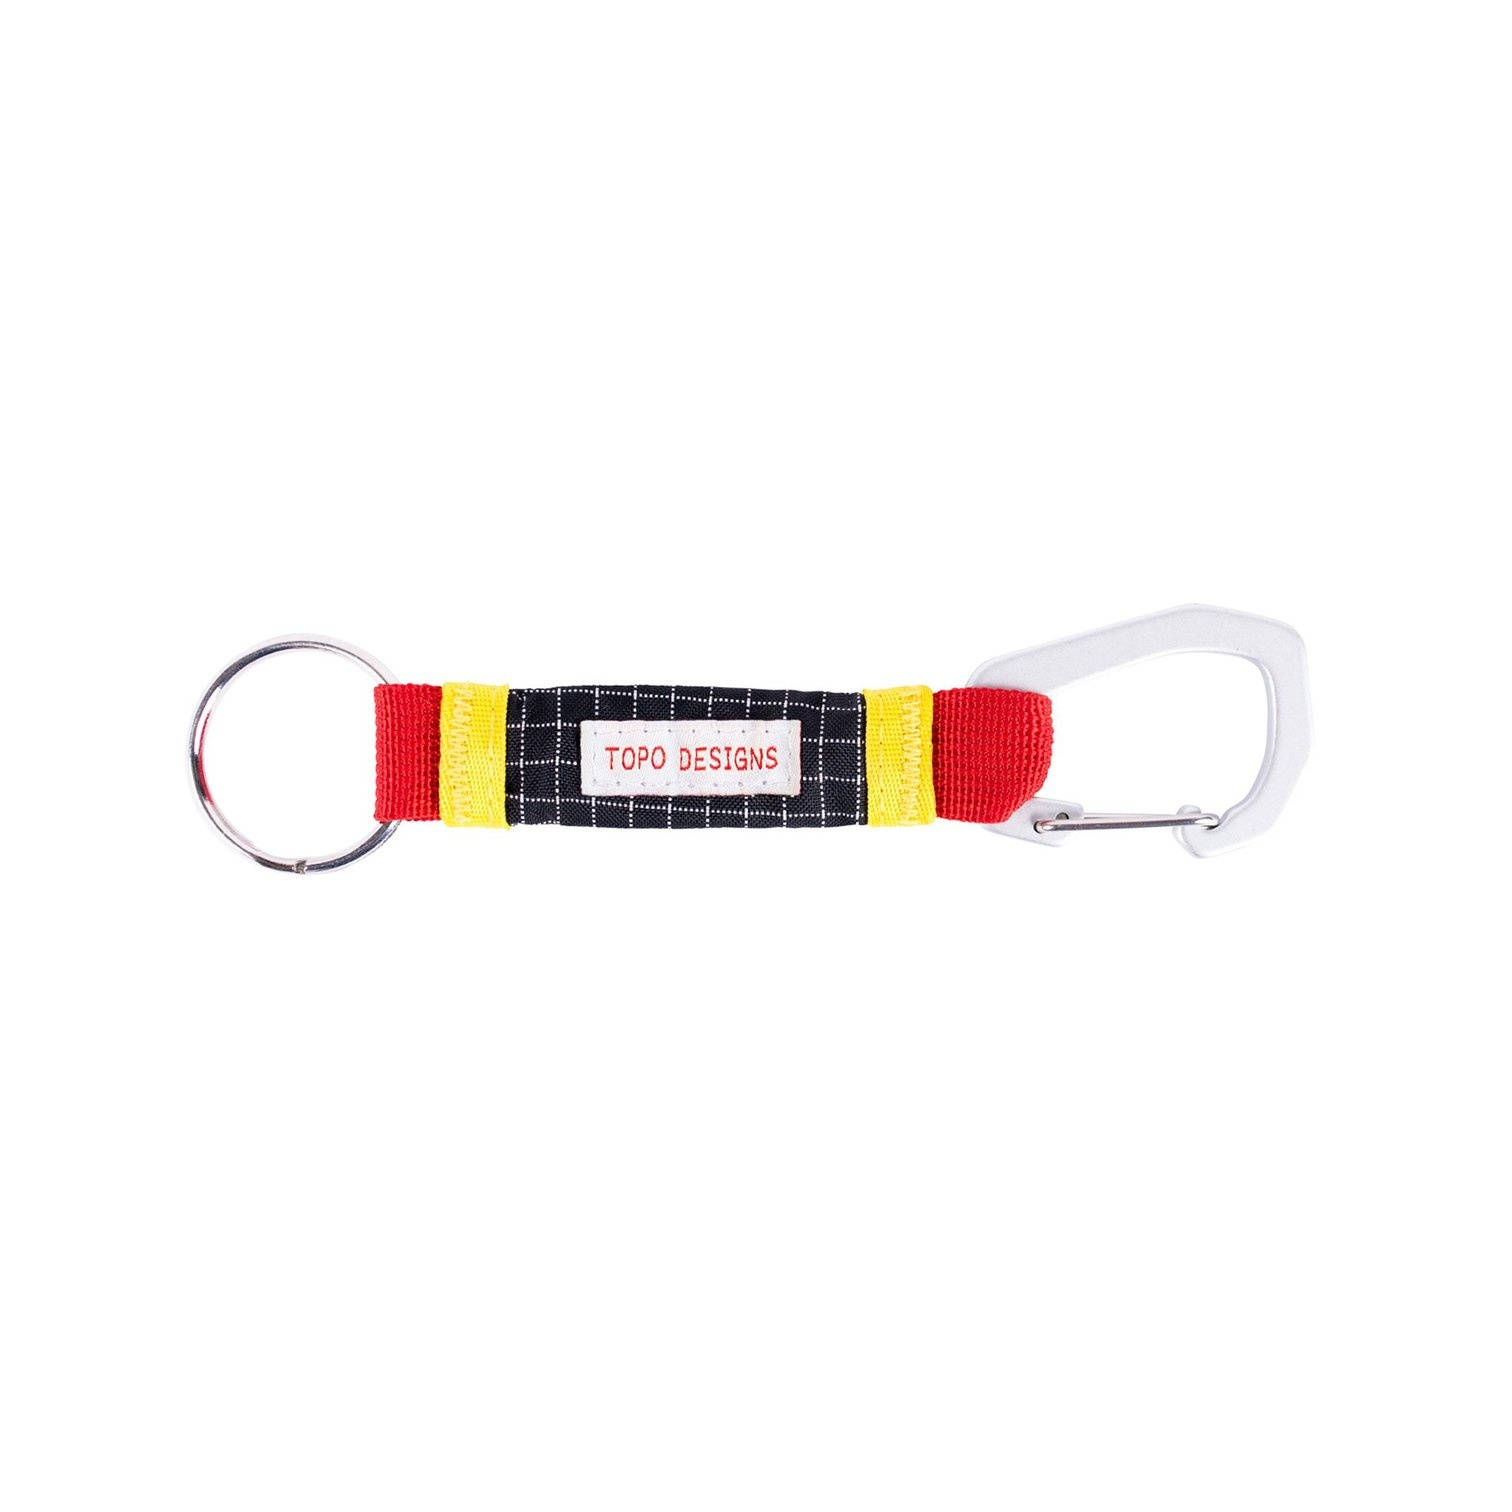 Topo Designs TOPO - Sub Alpine Key Clip (Red)